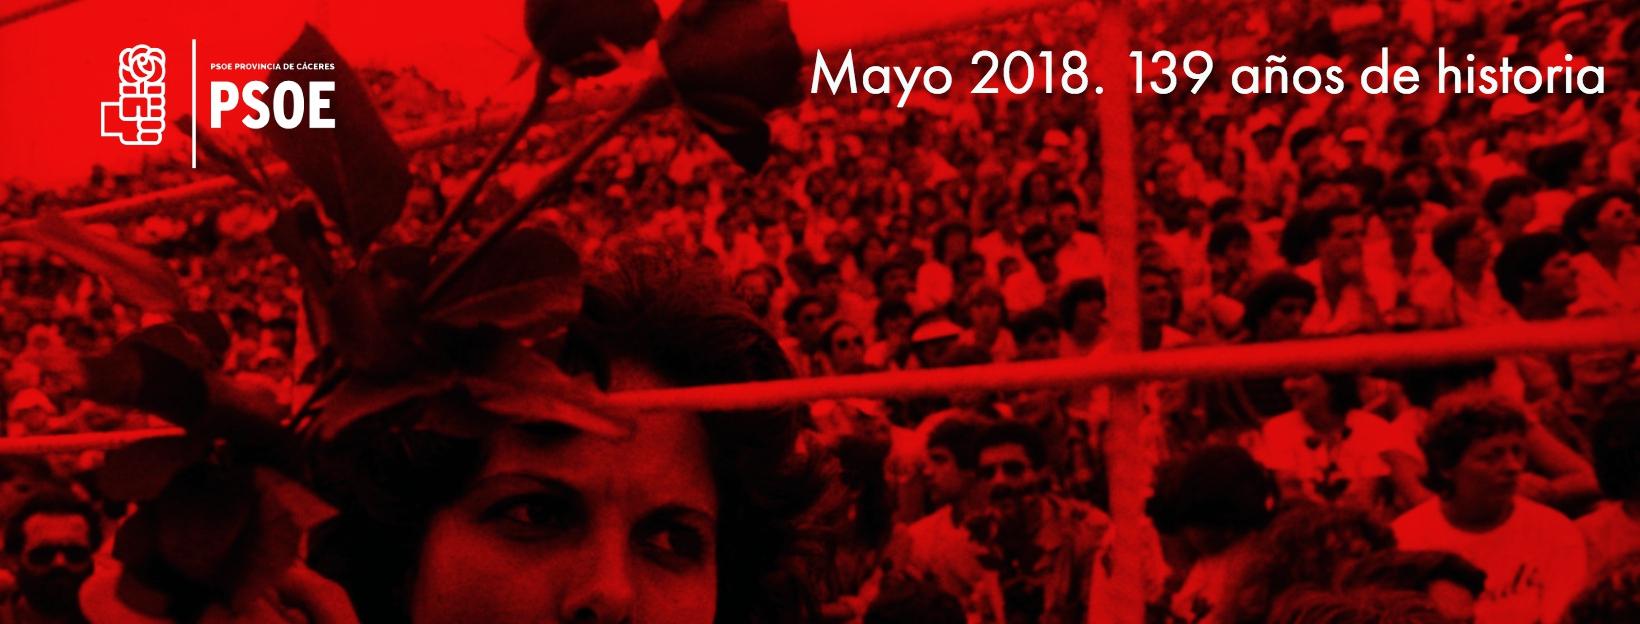 El PSOE cumple 139 años al servicio de la igualdad y las mejoras sociales